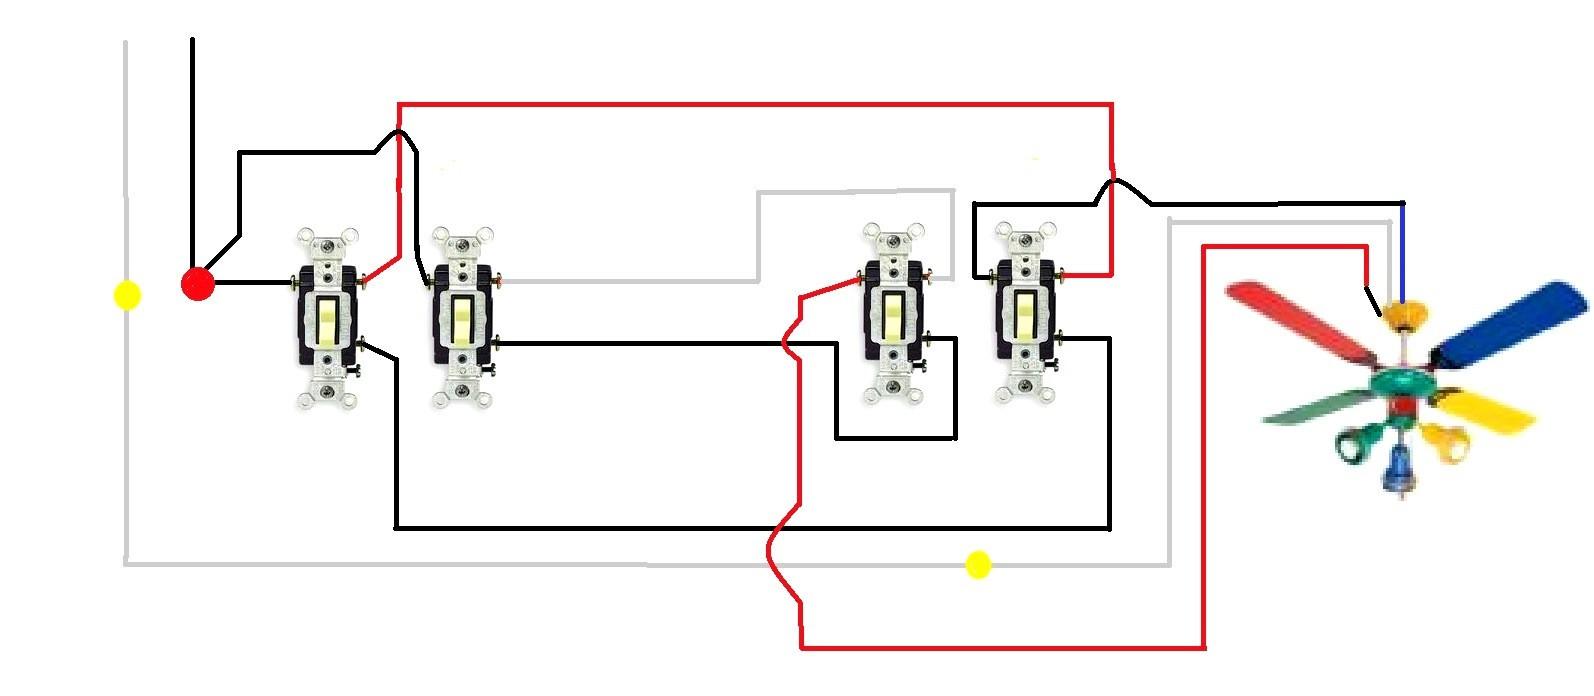 3 way fan switch wiring diagram natebird me rh natebird me 3 way ceiling fan switch wiring diagram 3 way fan light switch wiring diagram